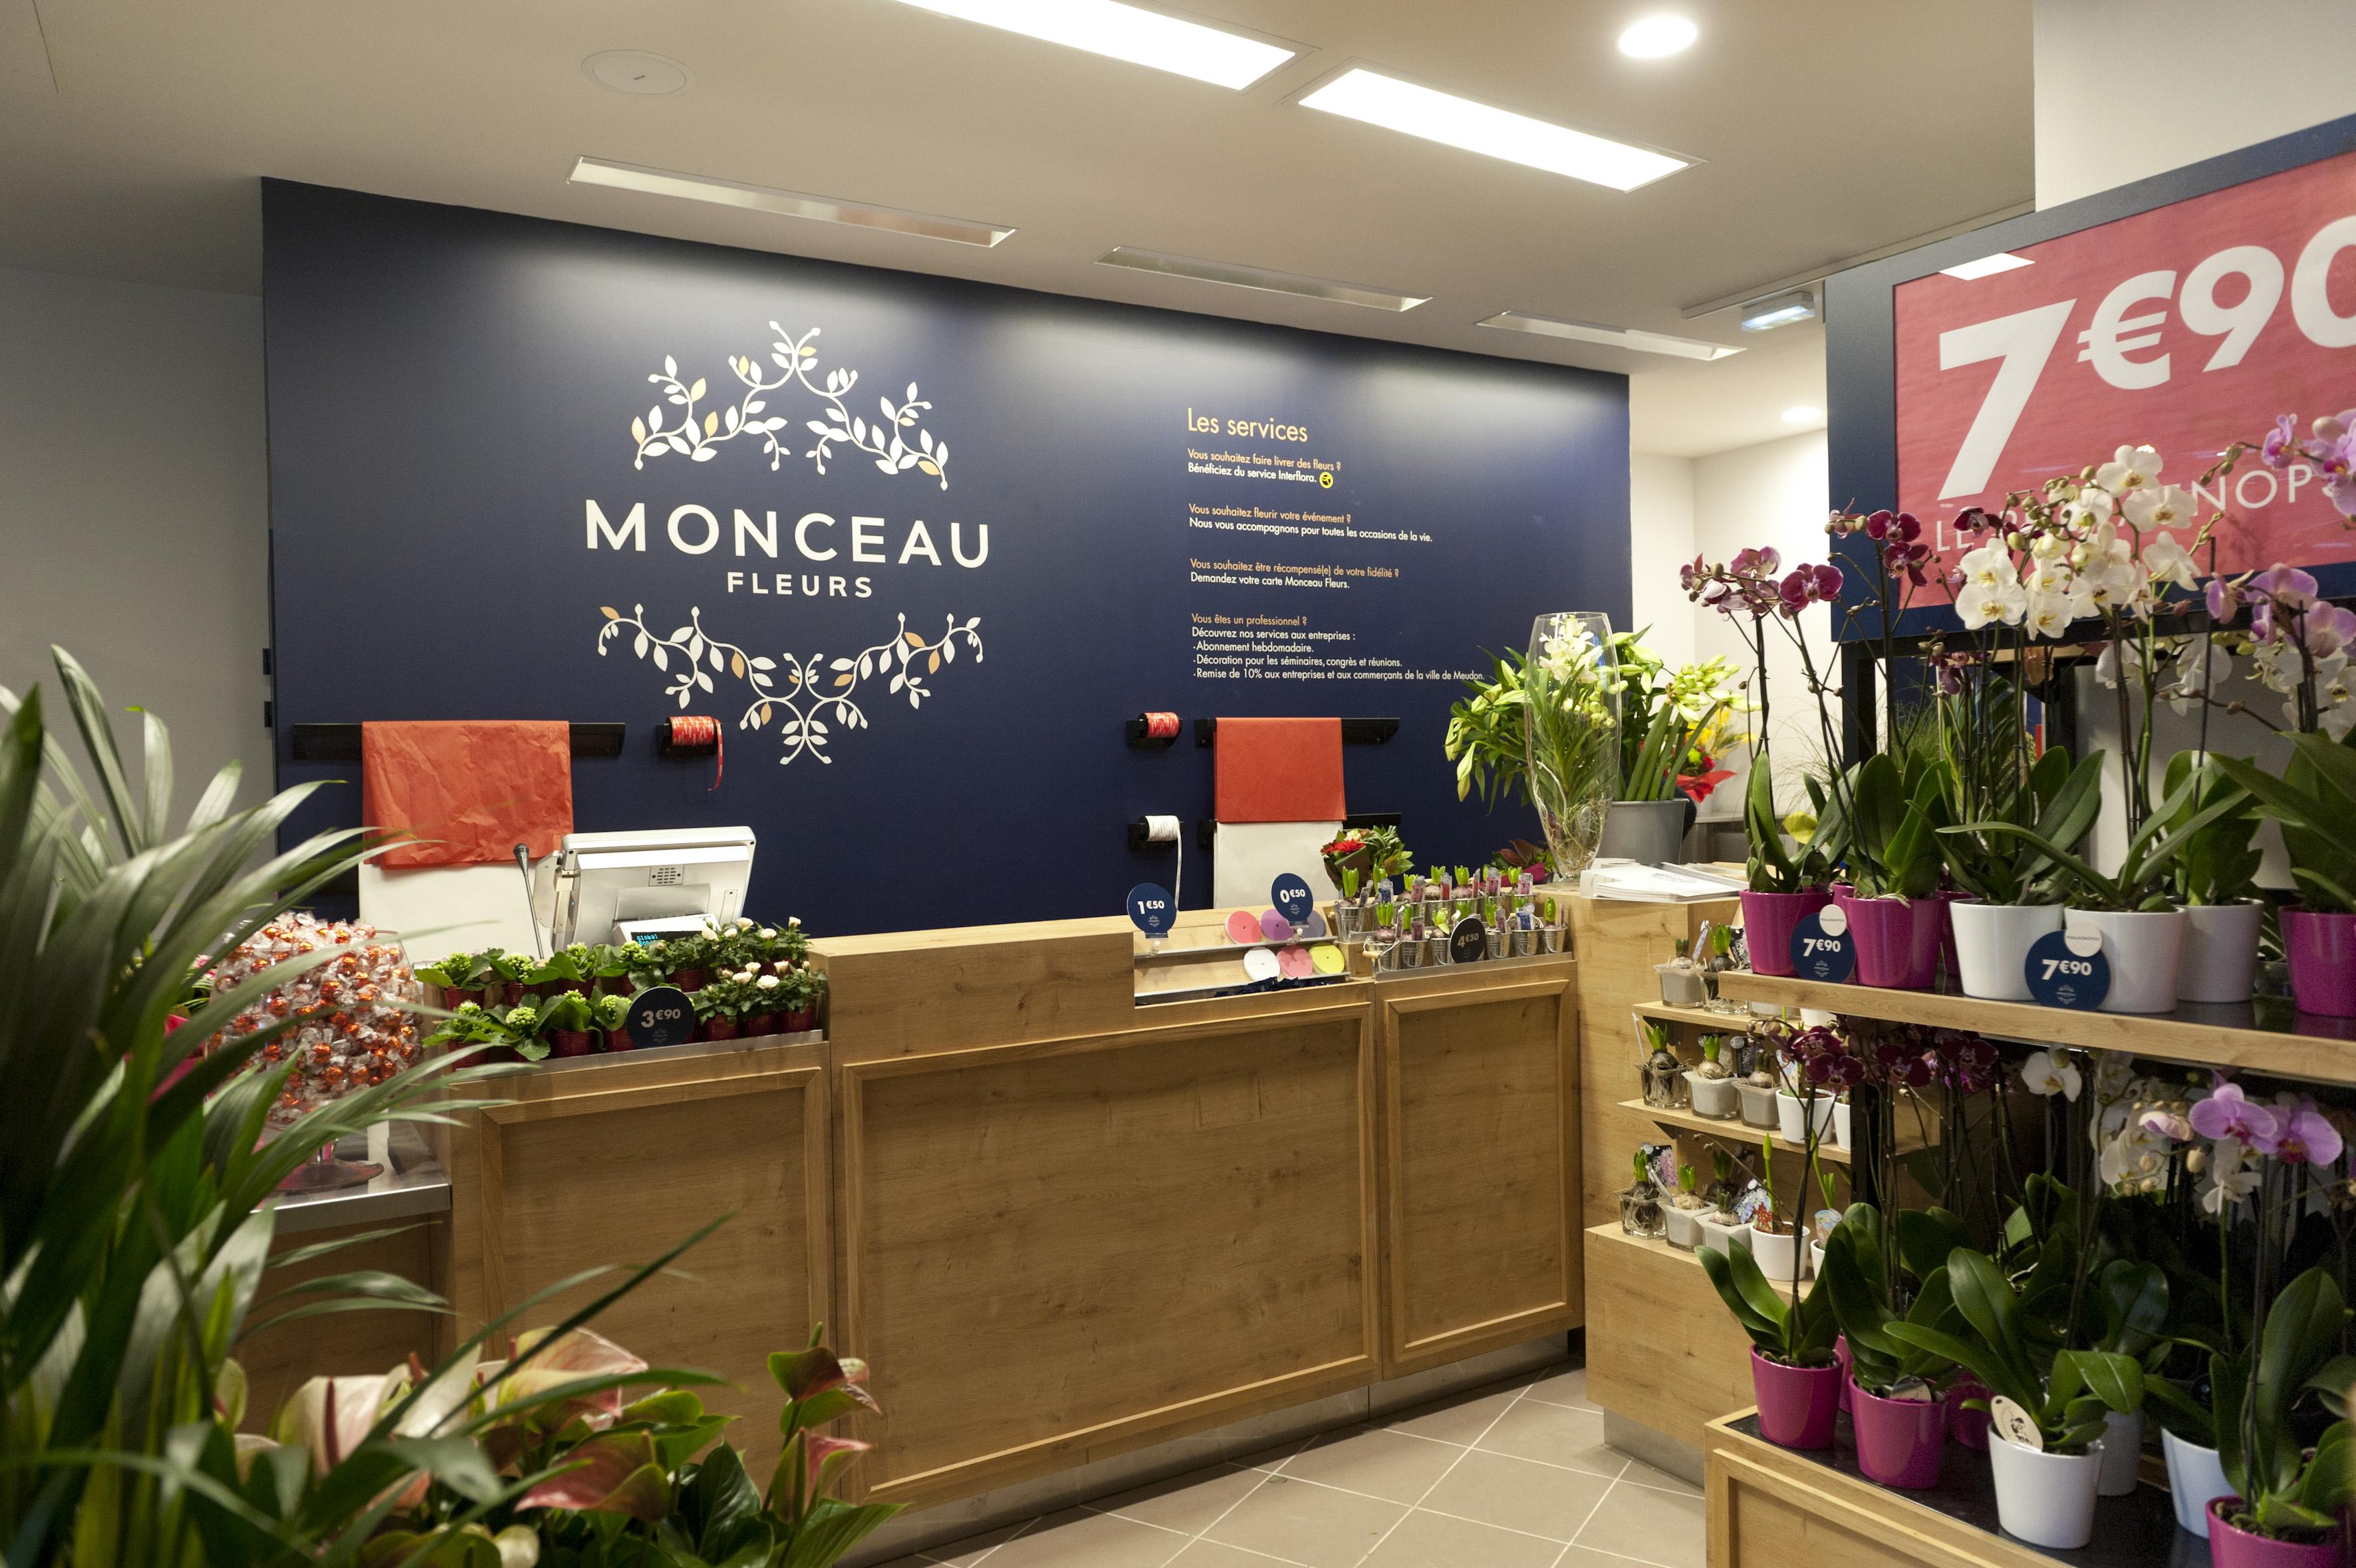 monceau fleurs du parc monceau au leader mondial de la vente de fleurs. Black Bedroom Furniture Sets. Home Design Ideas